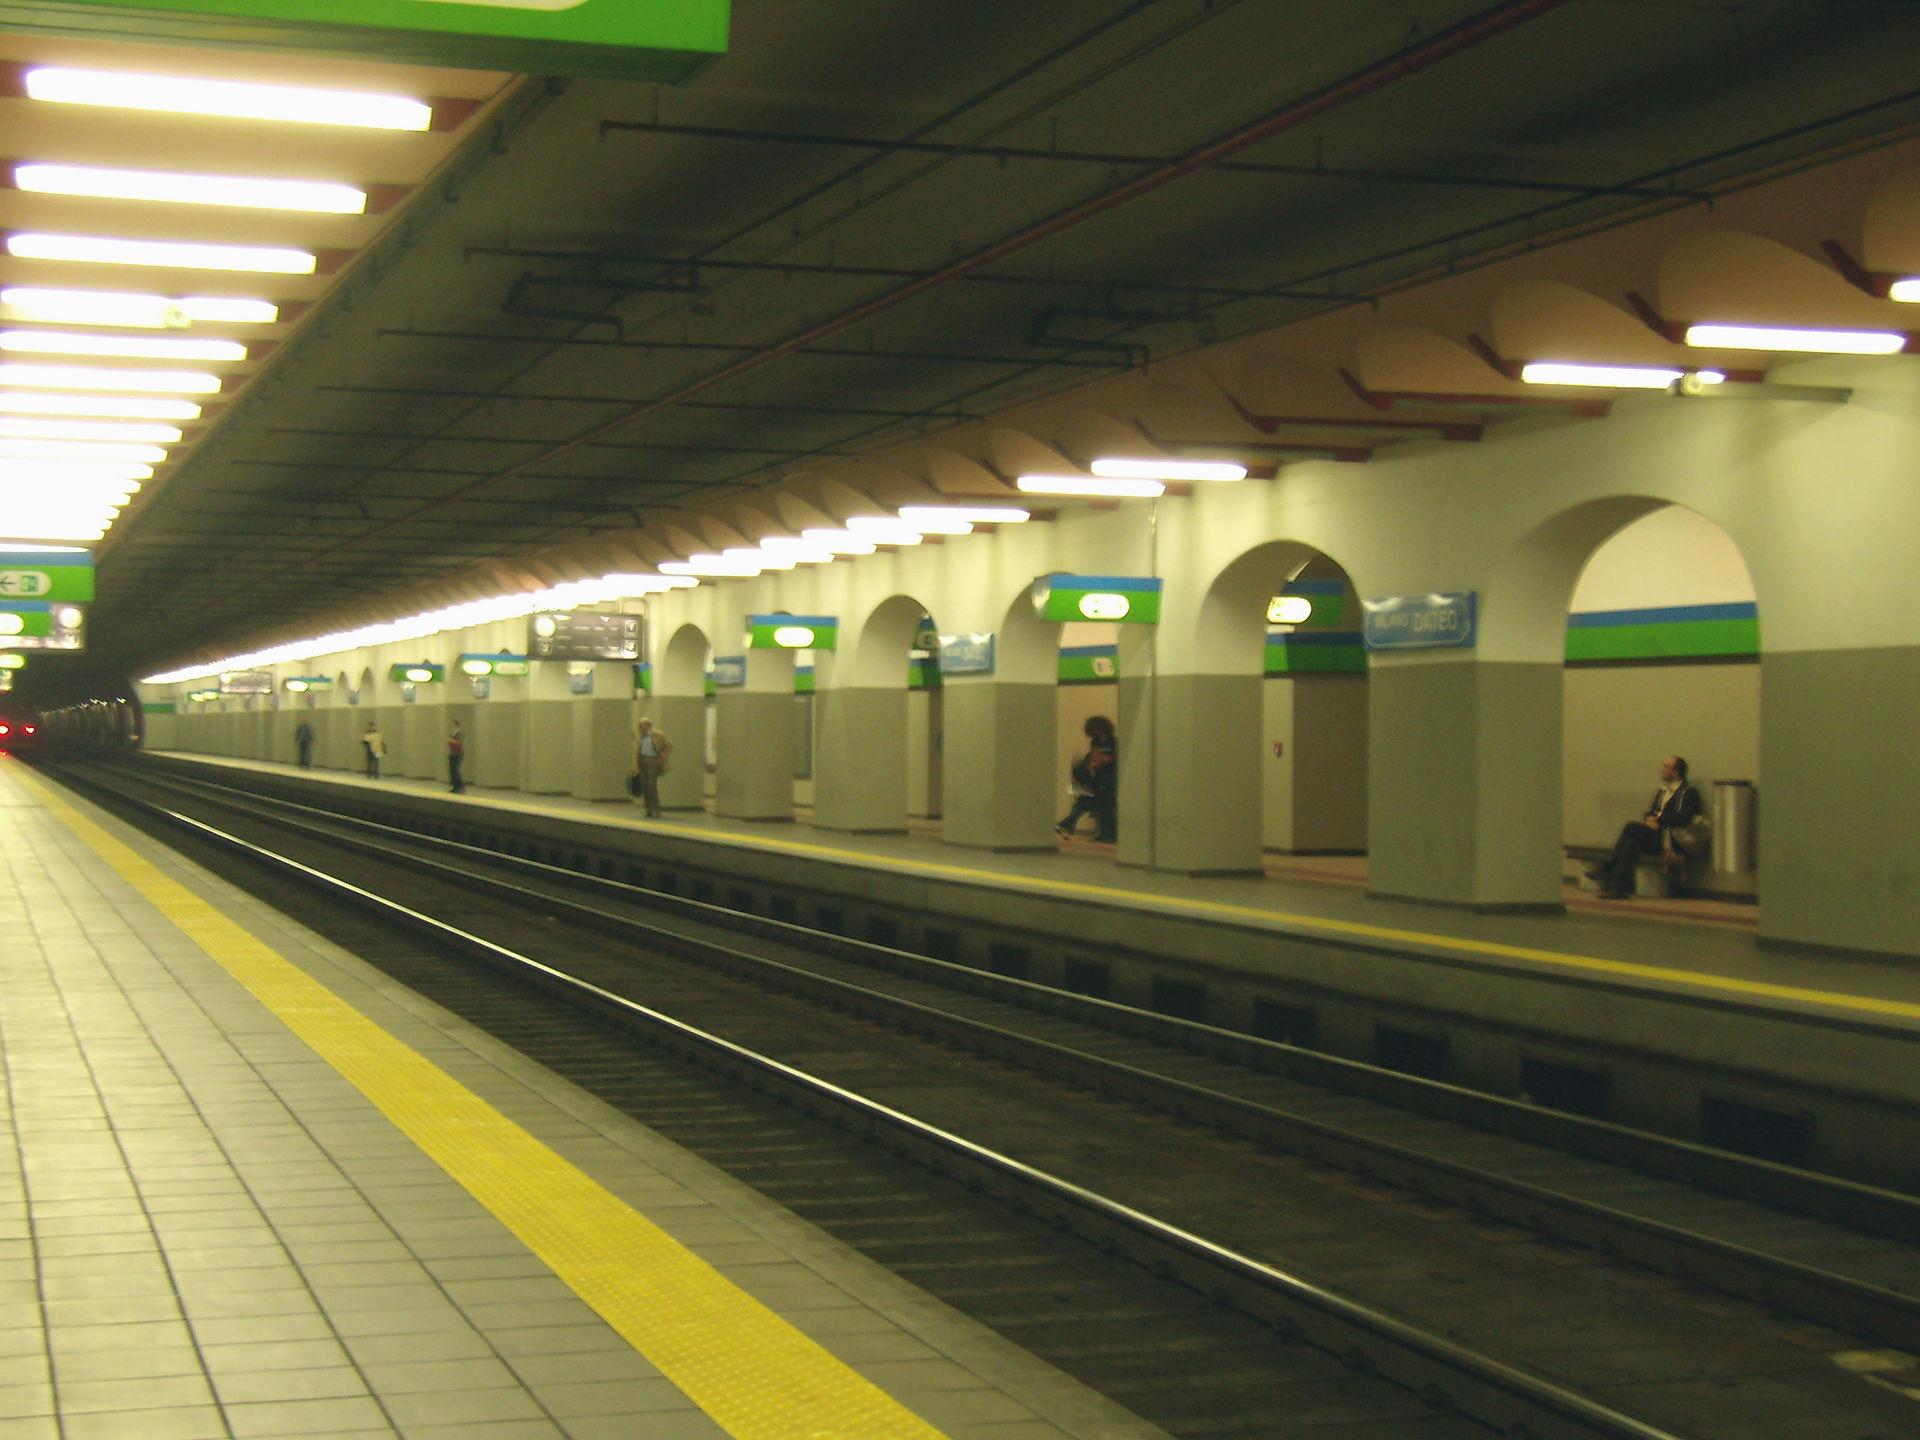 Stazione di milano dateo wikipedia - Passante porta garibaldi ...